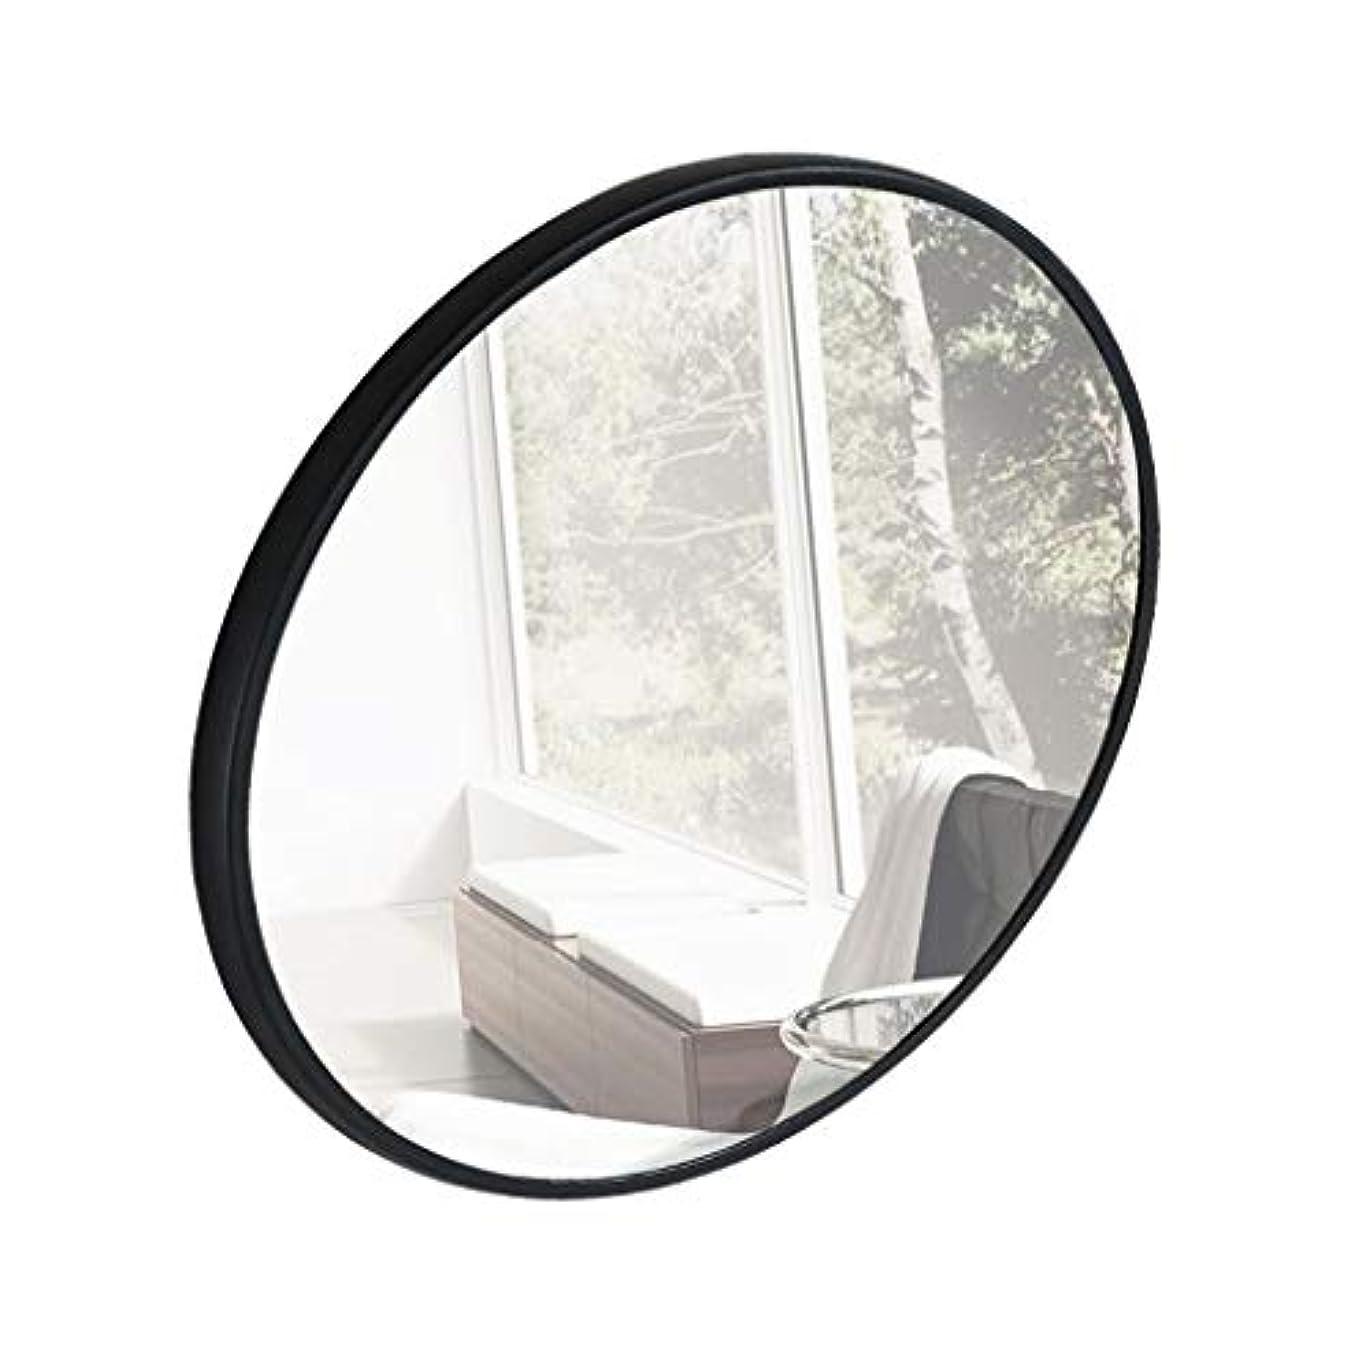 歌詞句読点予言するTYJ-JP 鏡化粧鏡 HD化粧台壁掛け装飾丸型鏡シンプル壁掛け鏡北欧風パンチフリーガラス鏡 (Color : Black, Size : 50*50cm)